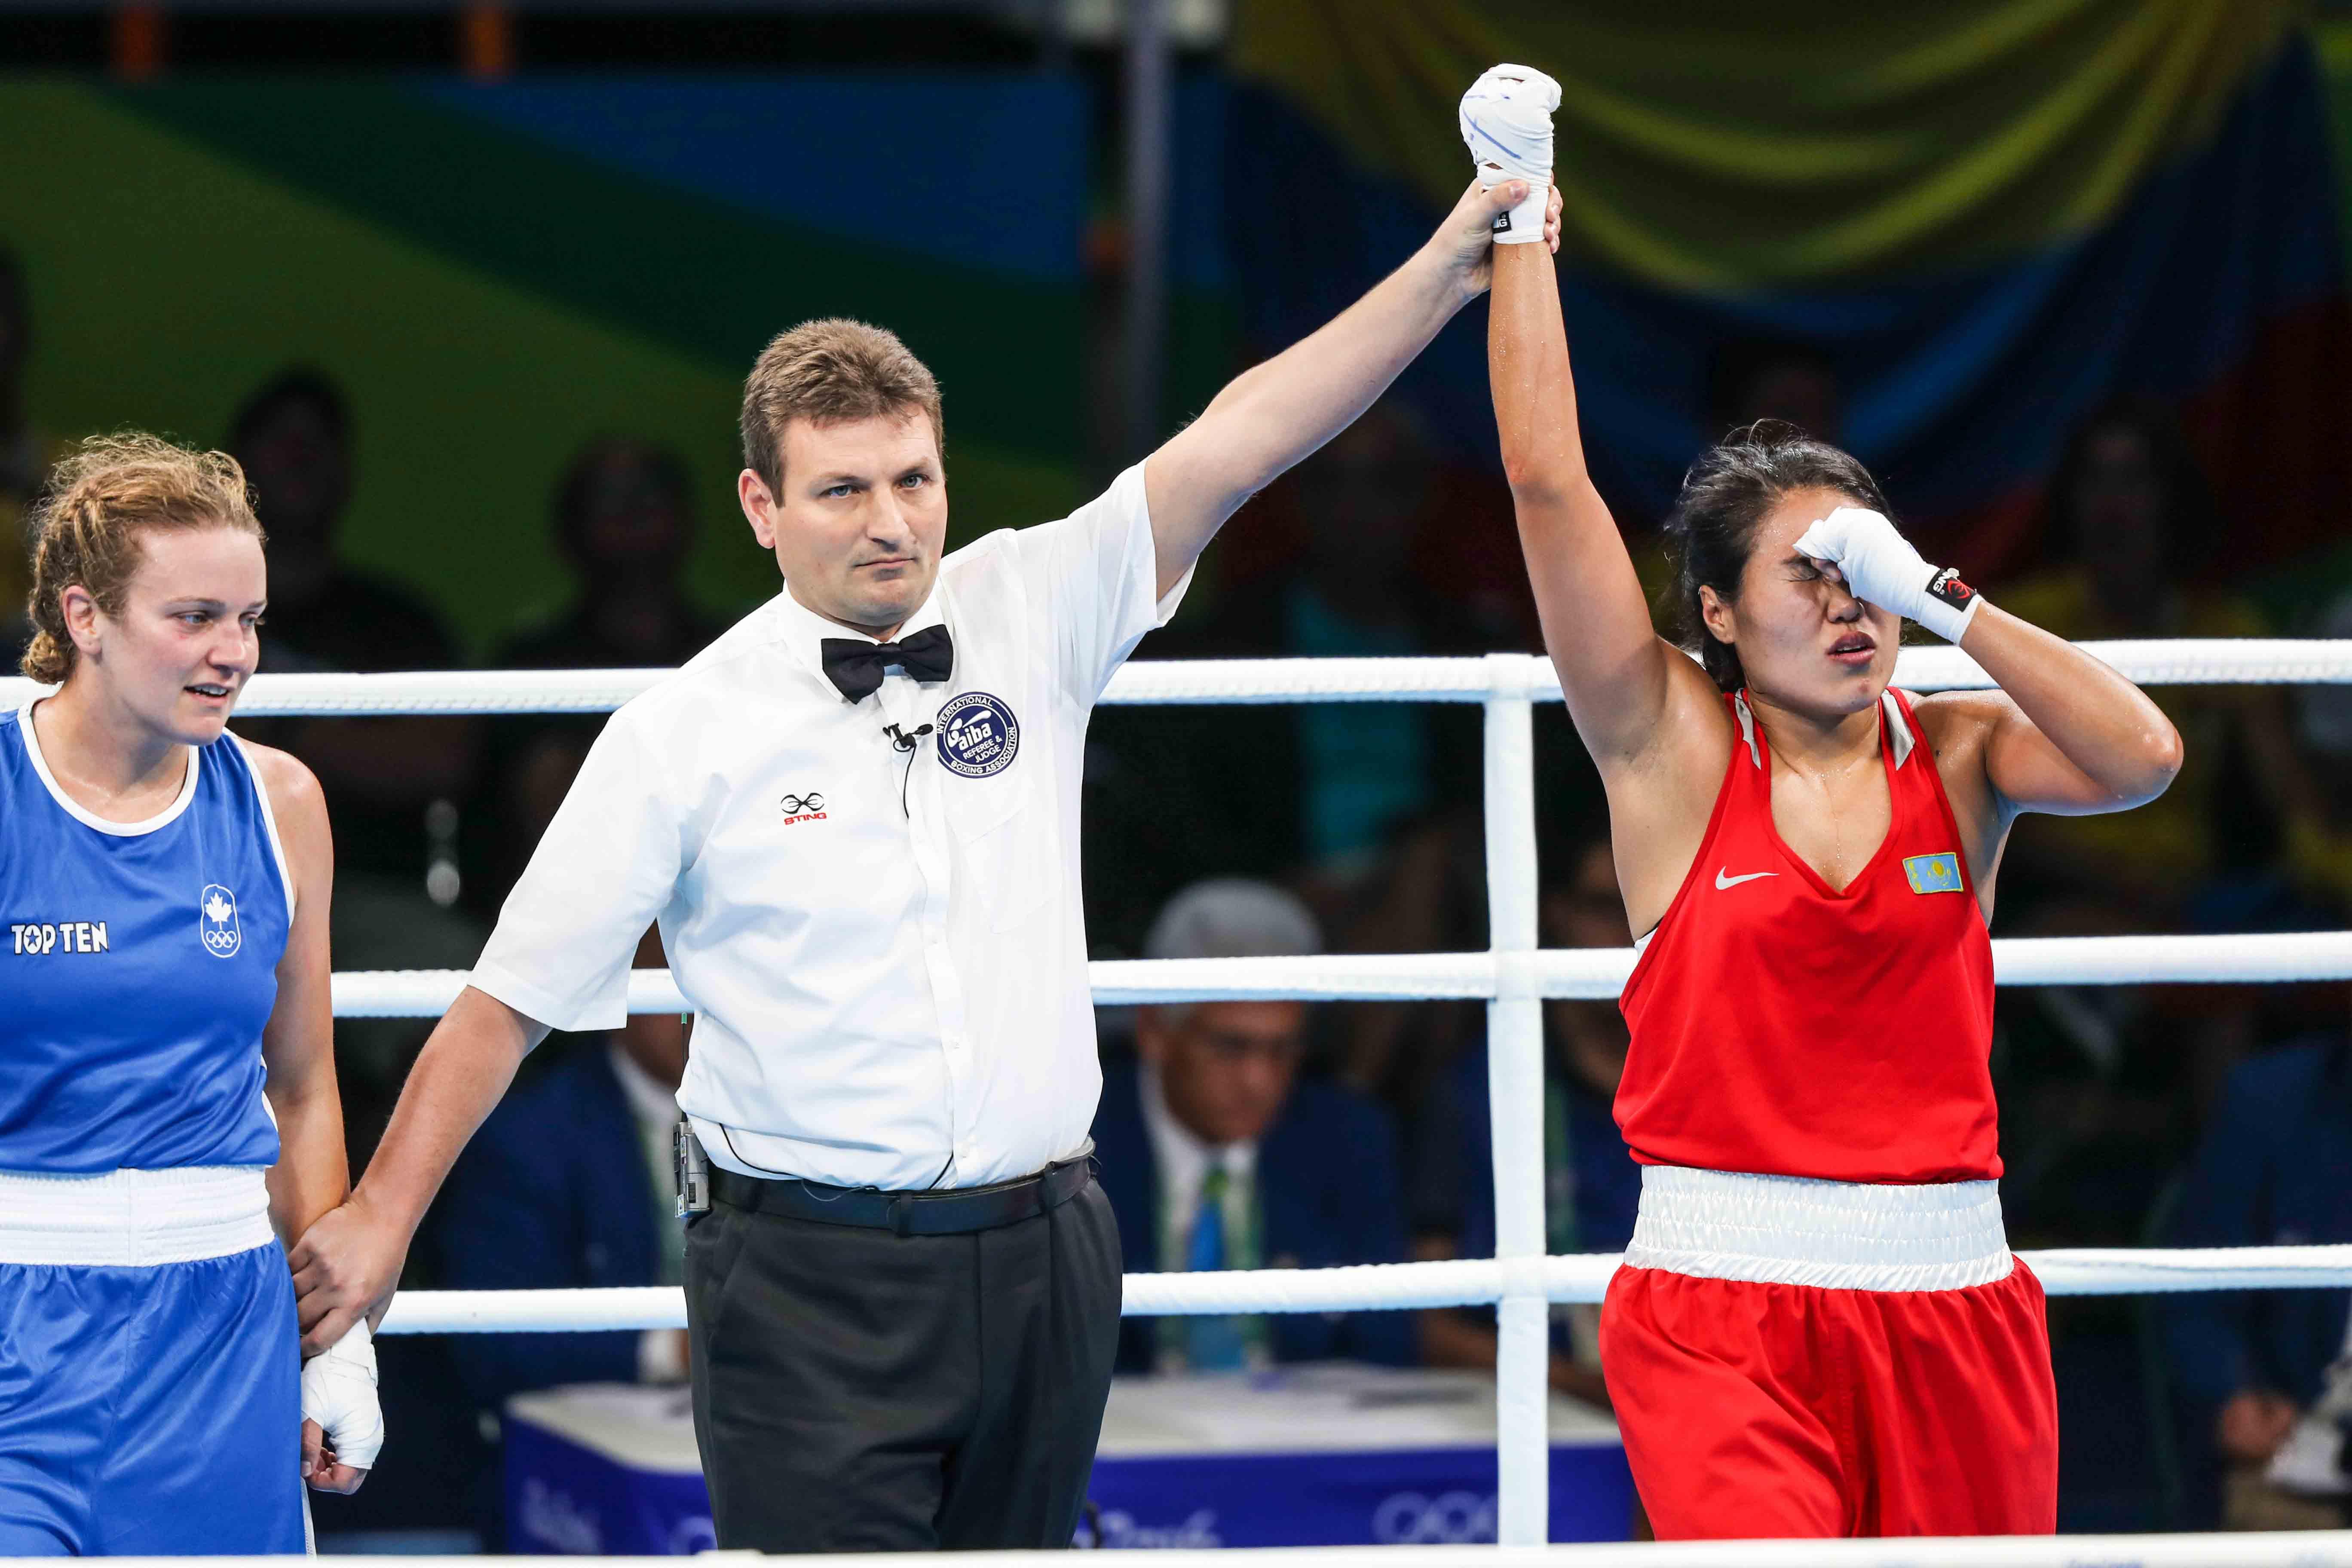 13 спортсменок из Казахстана участвуют в международном турнире по боксу в Польше